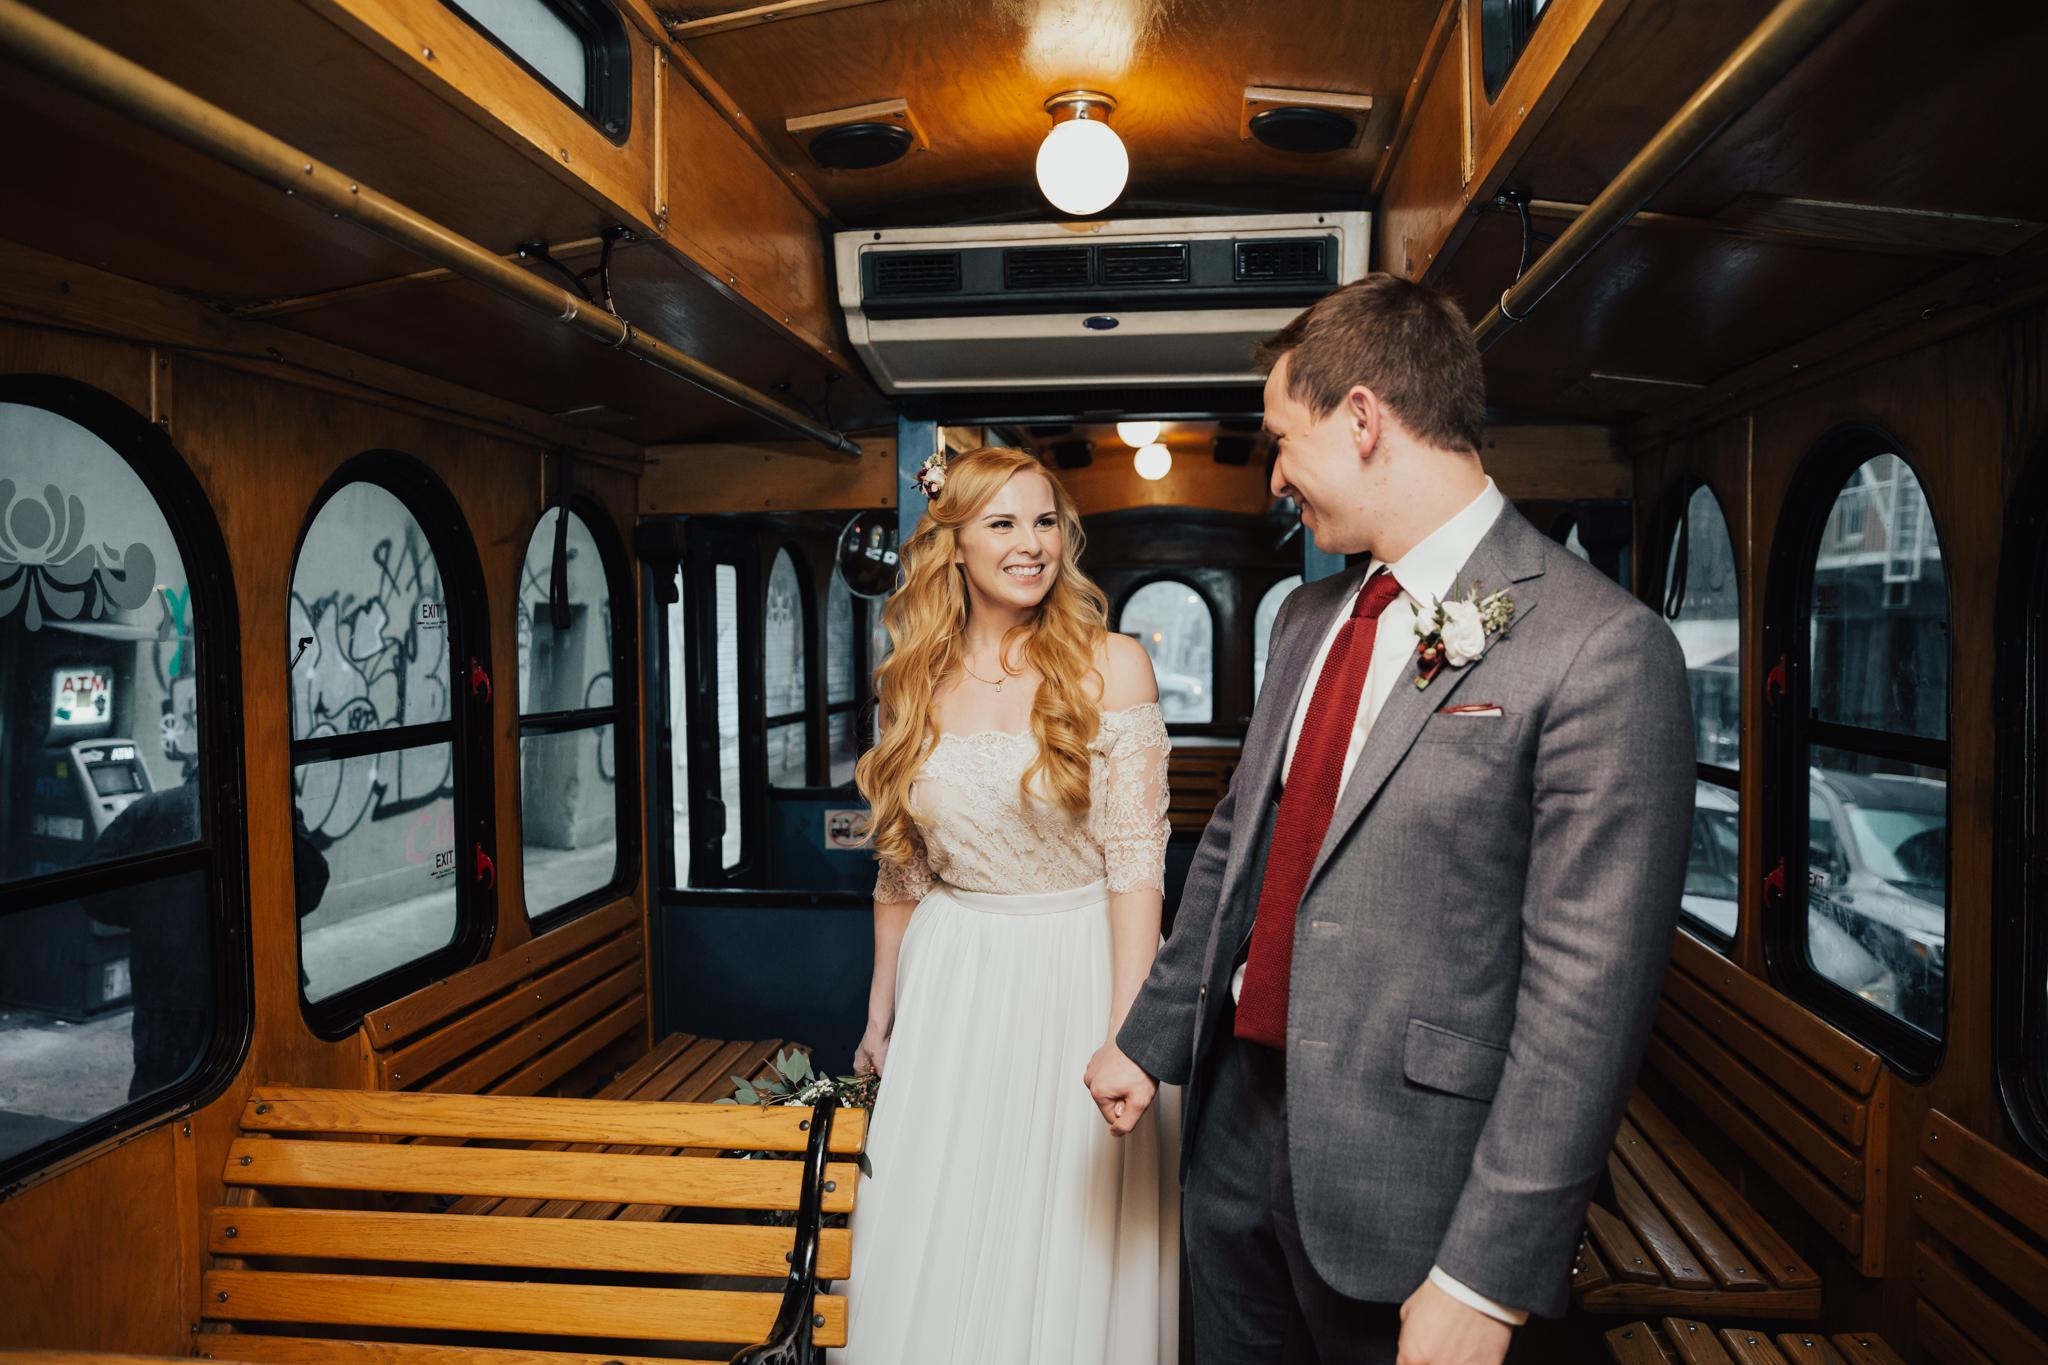 nyc trolley wedding